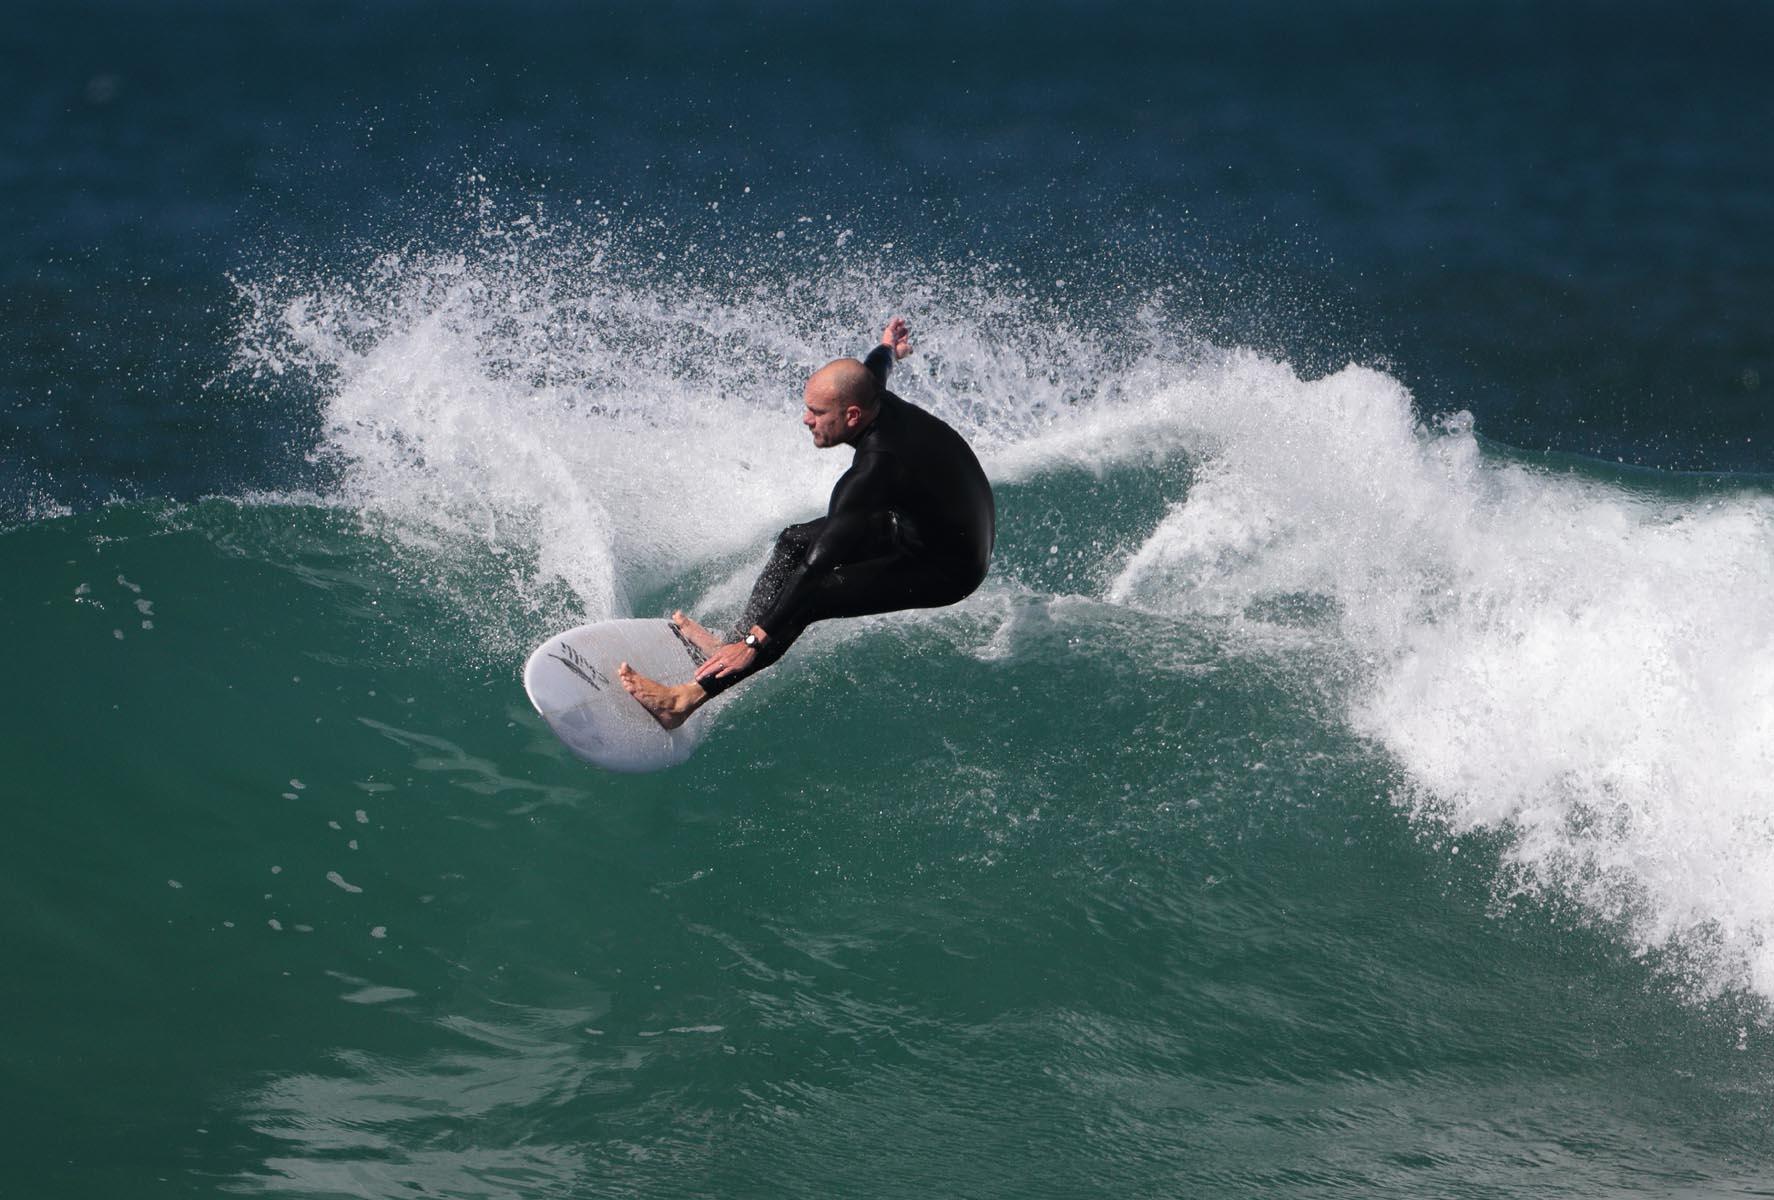 Bells Beach Surfer. Open. Li Ting Jiang